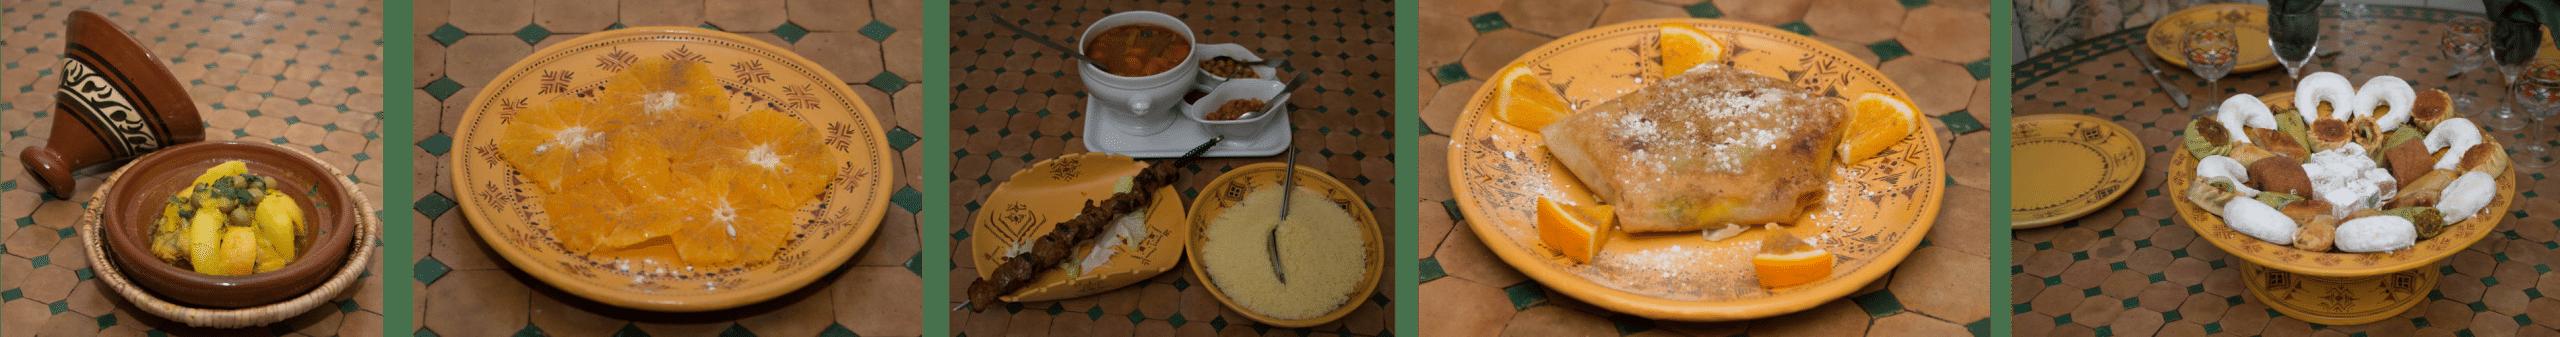 Traiteur-Restaurant Marocain La Fantasia Pringy-Saint Fargeau Seine et Marne 77